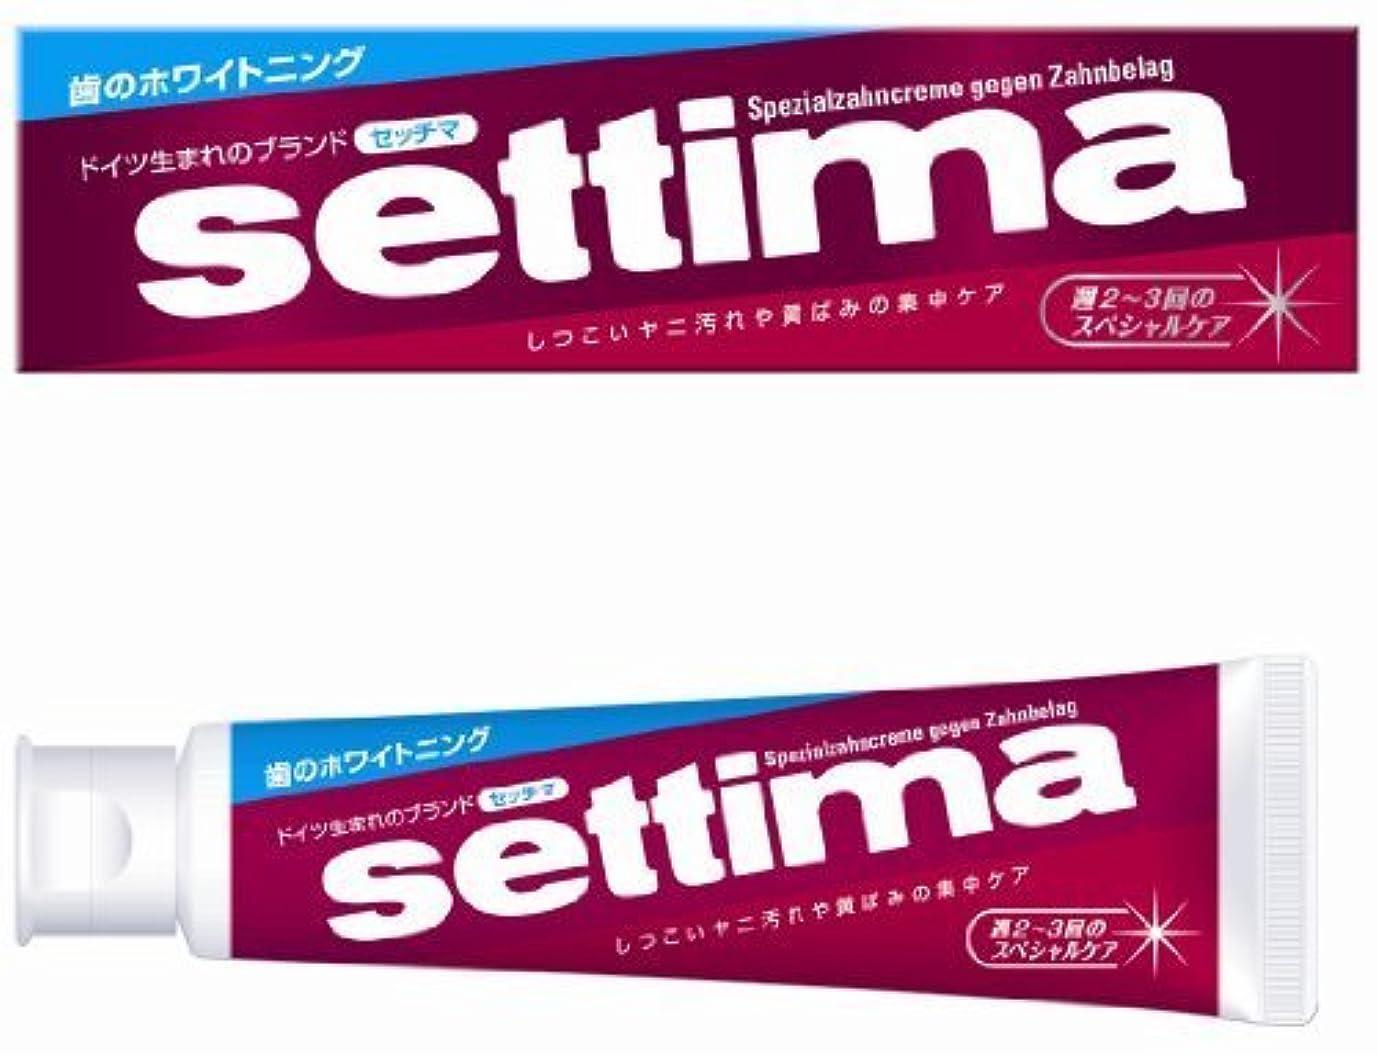 シニス三角春セッチマはみがきスペシャル [箱タイプ] × 3個セット